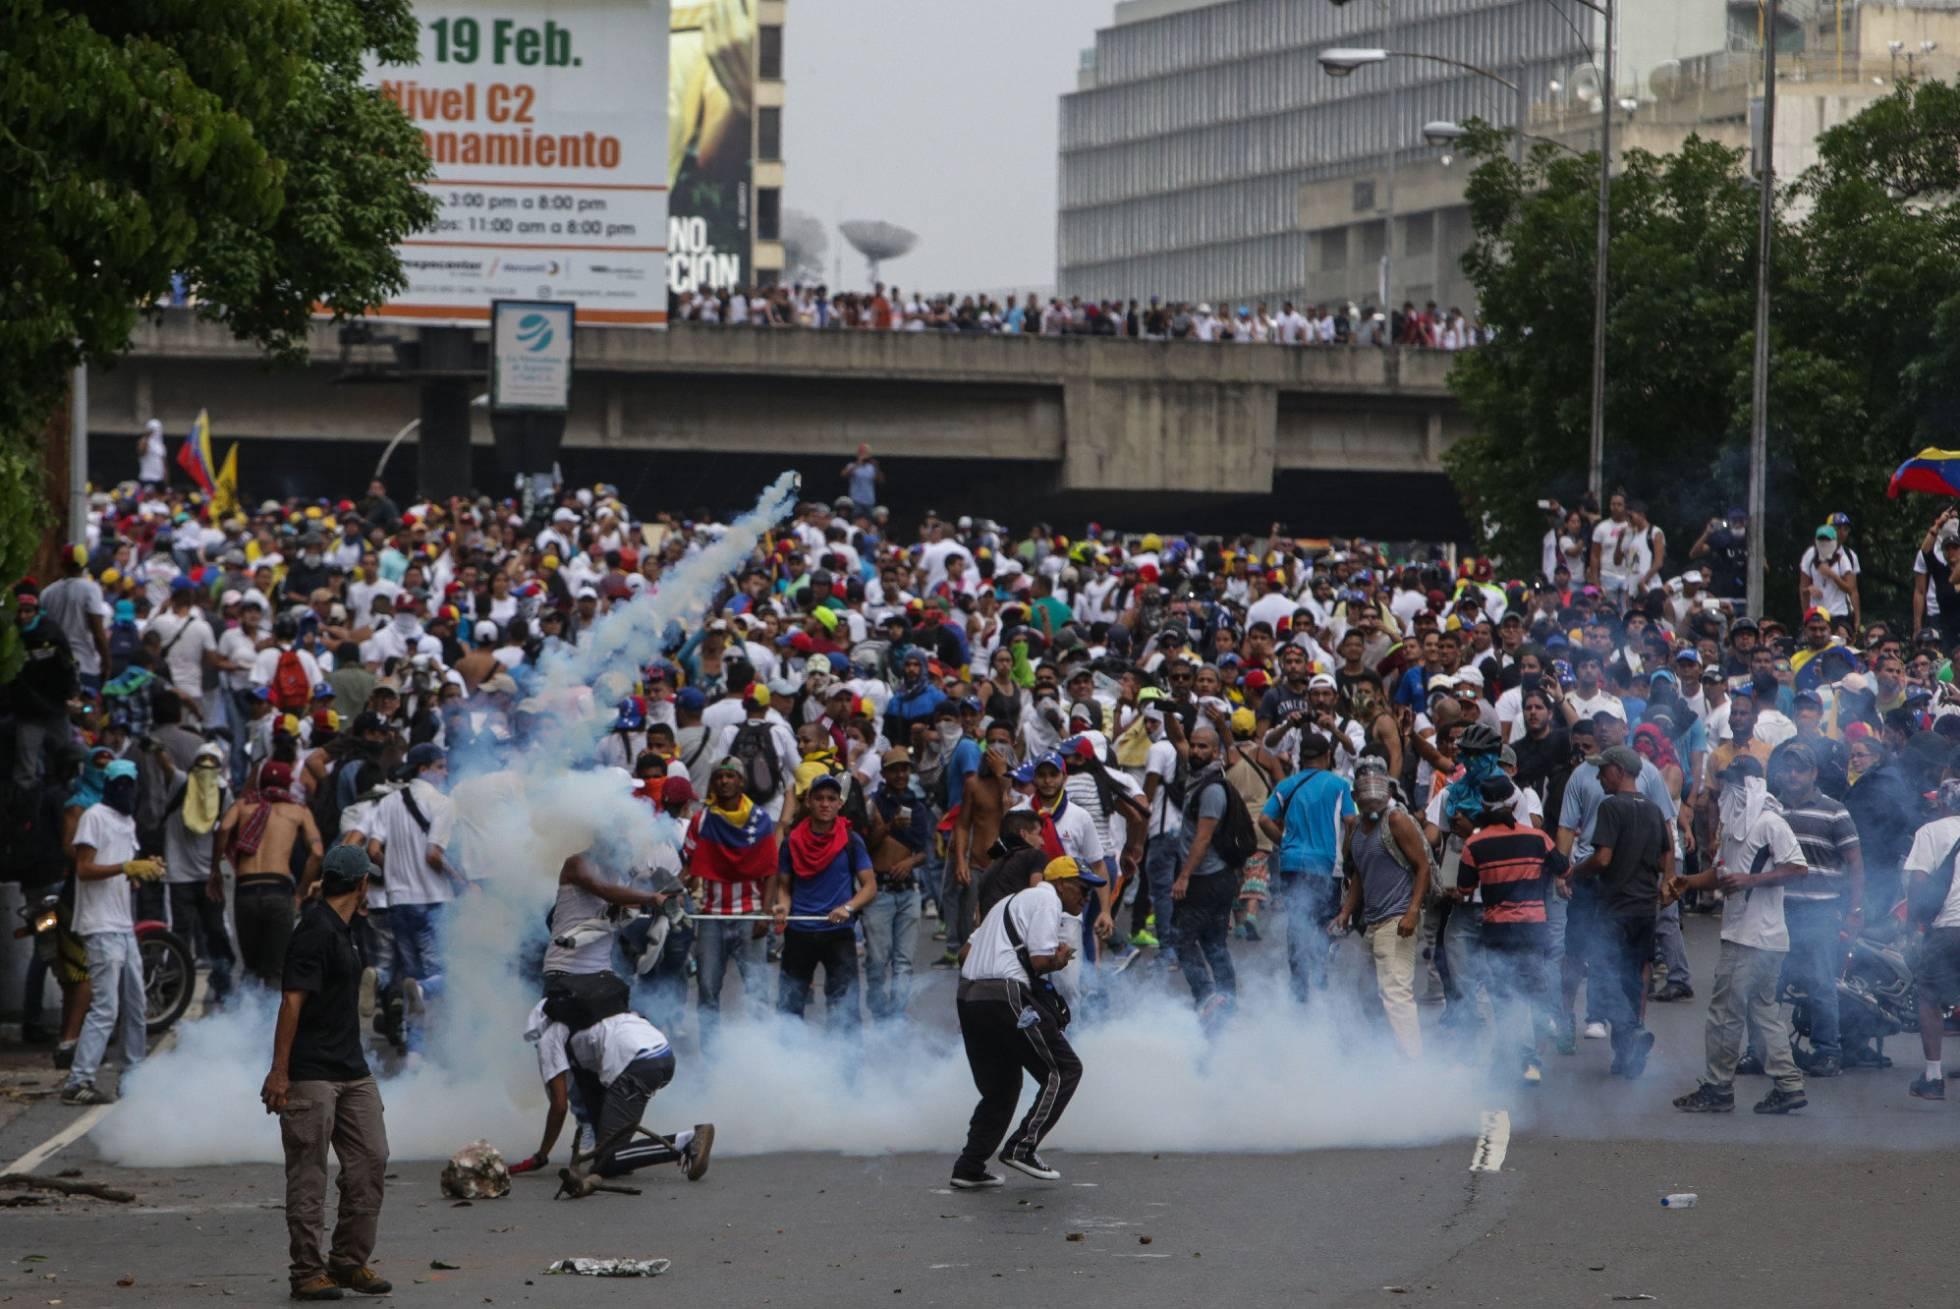 Escenas como esta cada vez son más frecuentes en la golpeada Venezuela. ® EFE